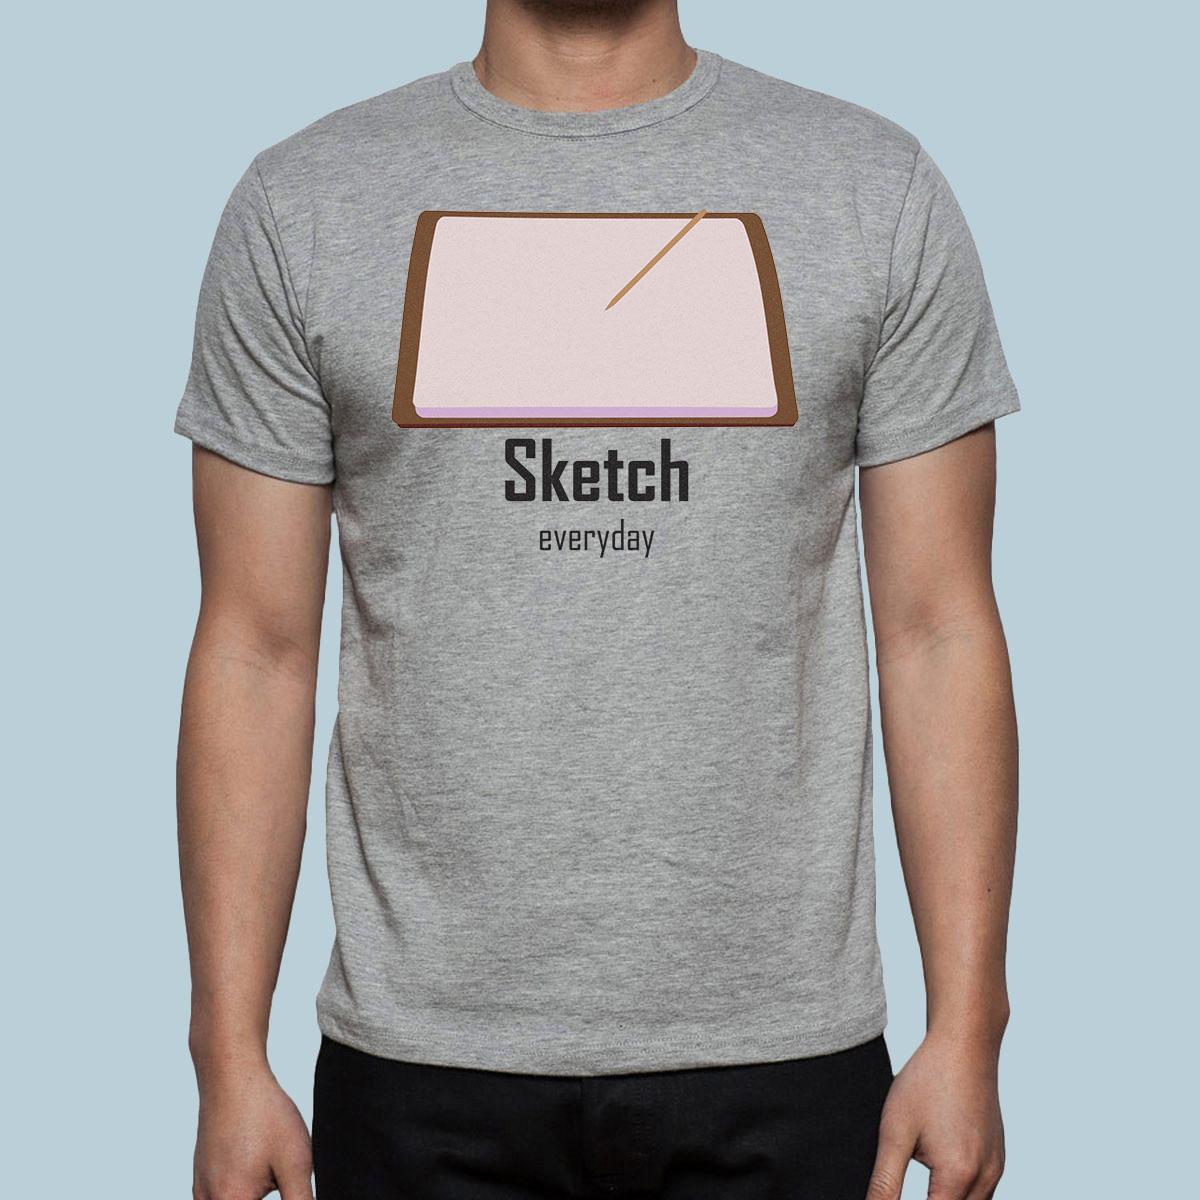 Sketch EveryDay T-Shirt Design for July COTM